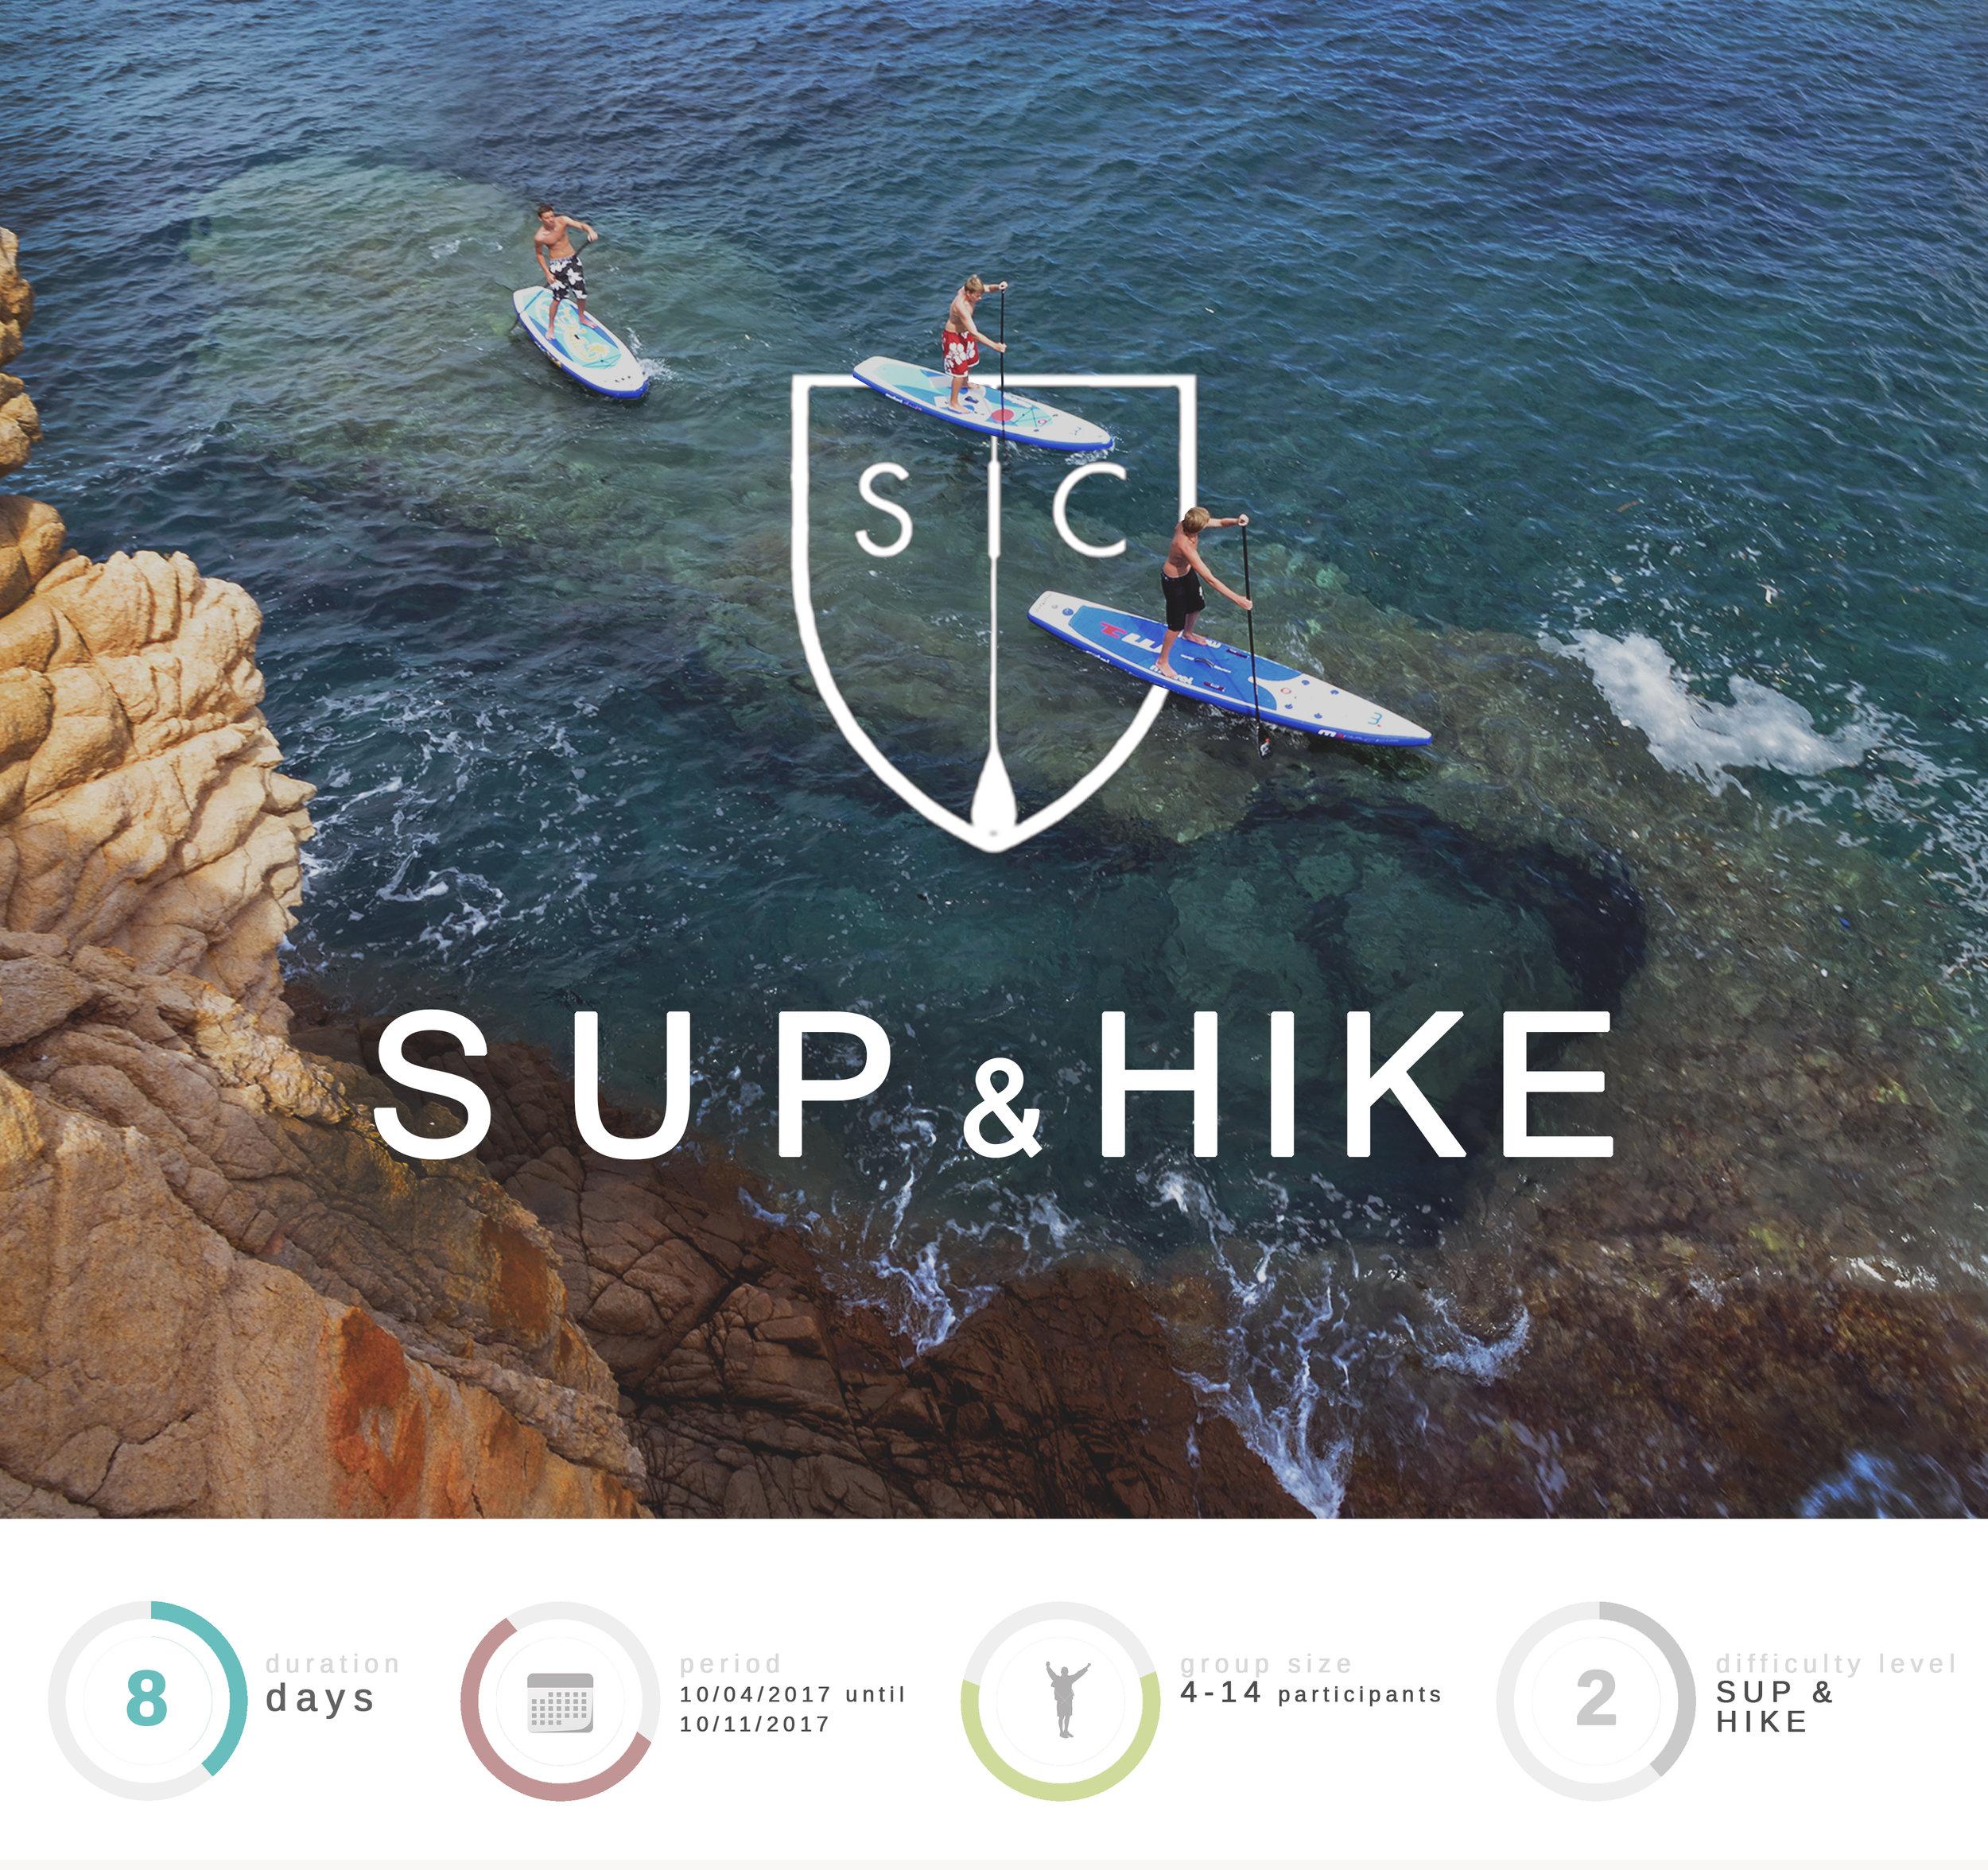 SUP&HIKE